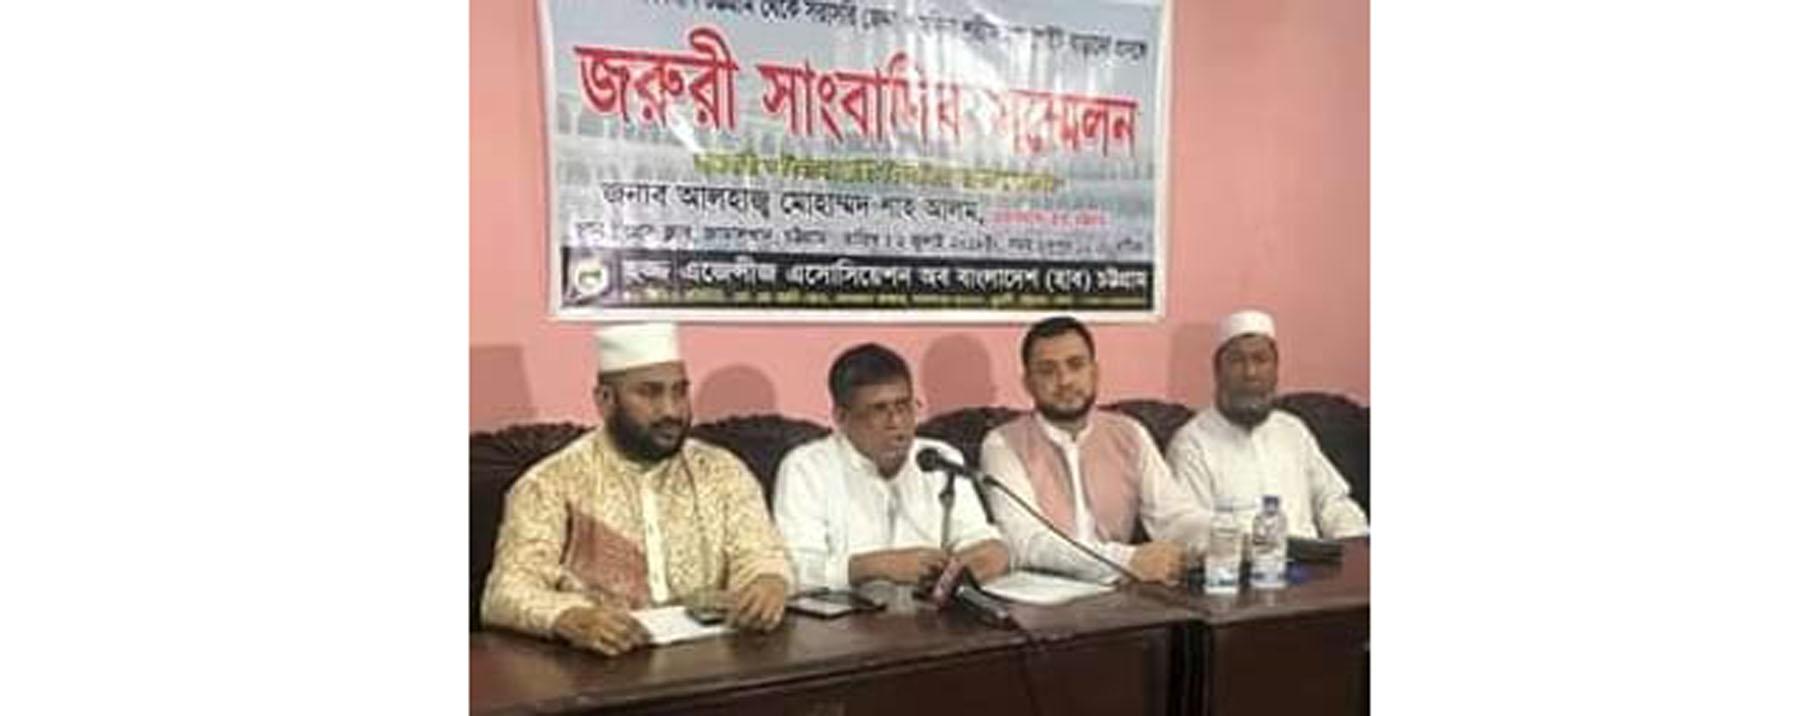 চট্টগ্রাম-জেদ্দায় সরাসরি আরও পাঁচটি হজ্ব ফ্লাইট বৃদ্ধির দাবি